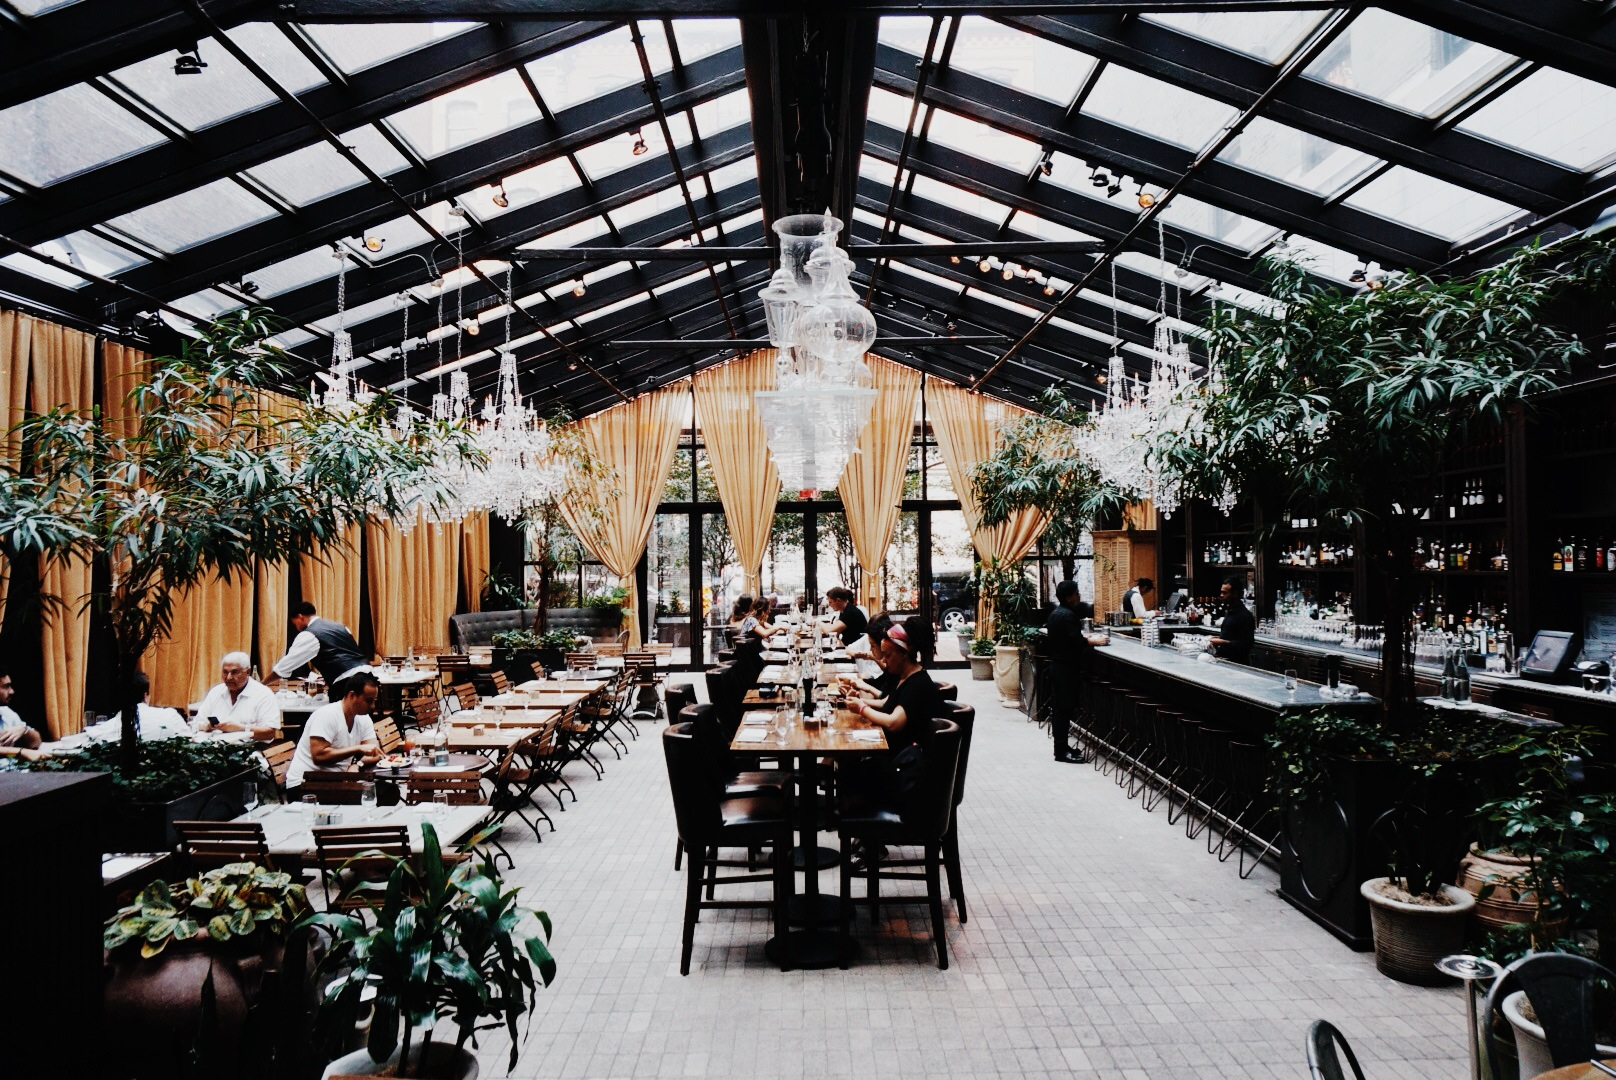 Isola at the Mondrian Hotel